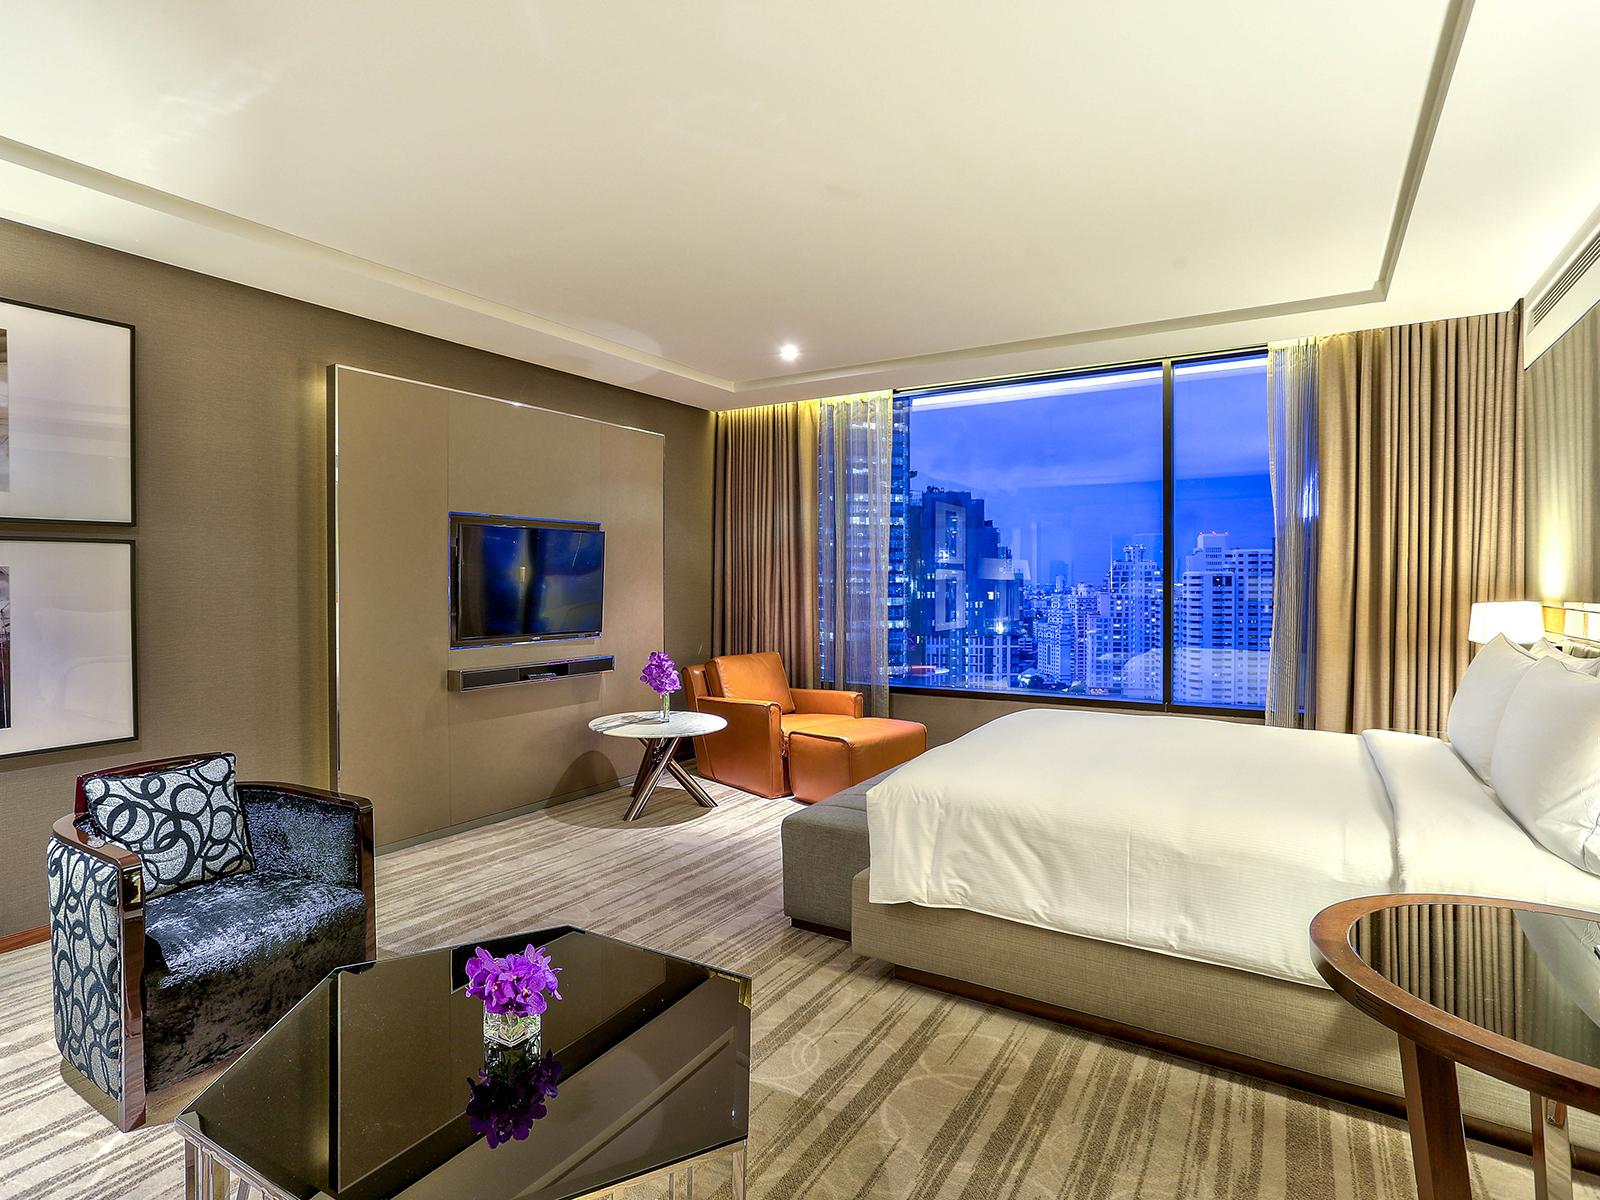 هتل هیلتون سوخومویت بانکوک